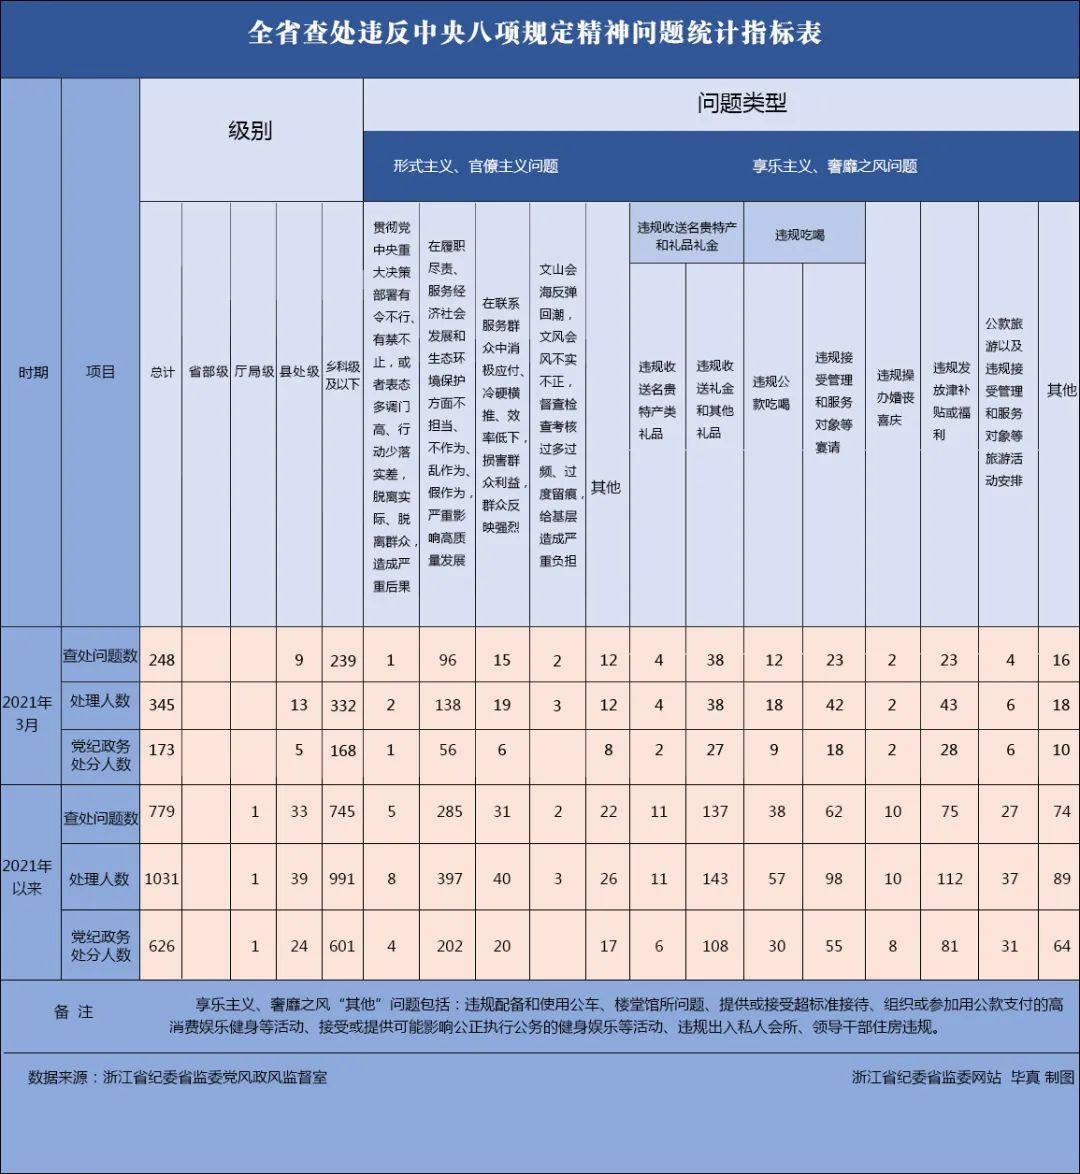 2021年3月浙江省查处违反中央八项规定精神问题248起